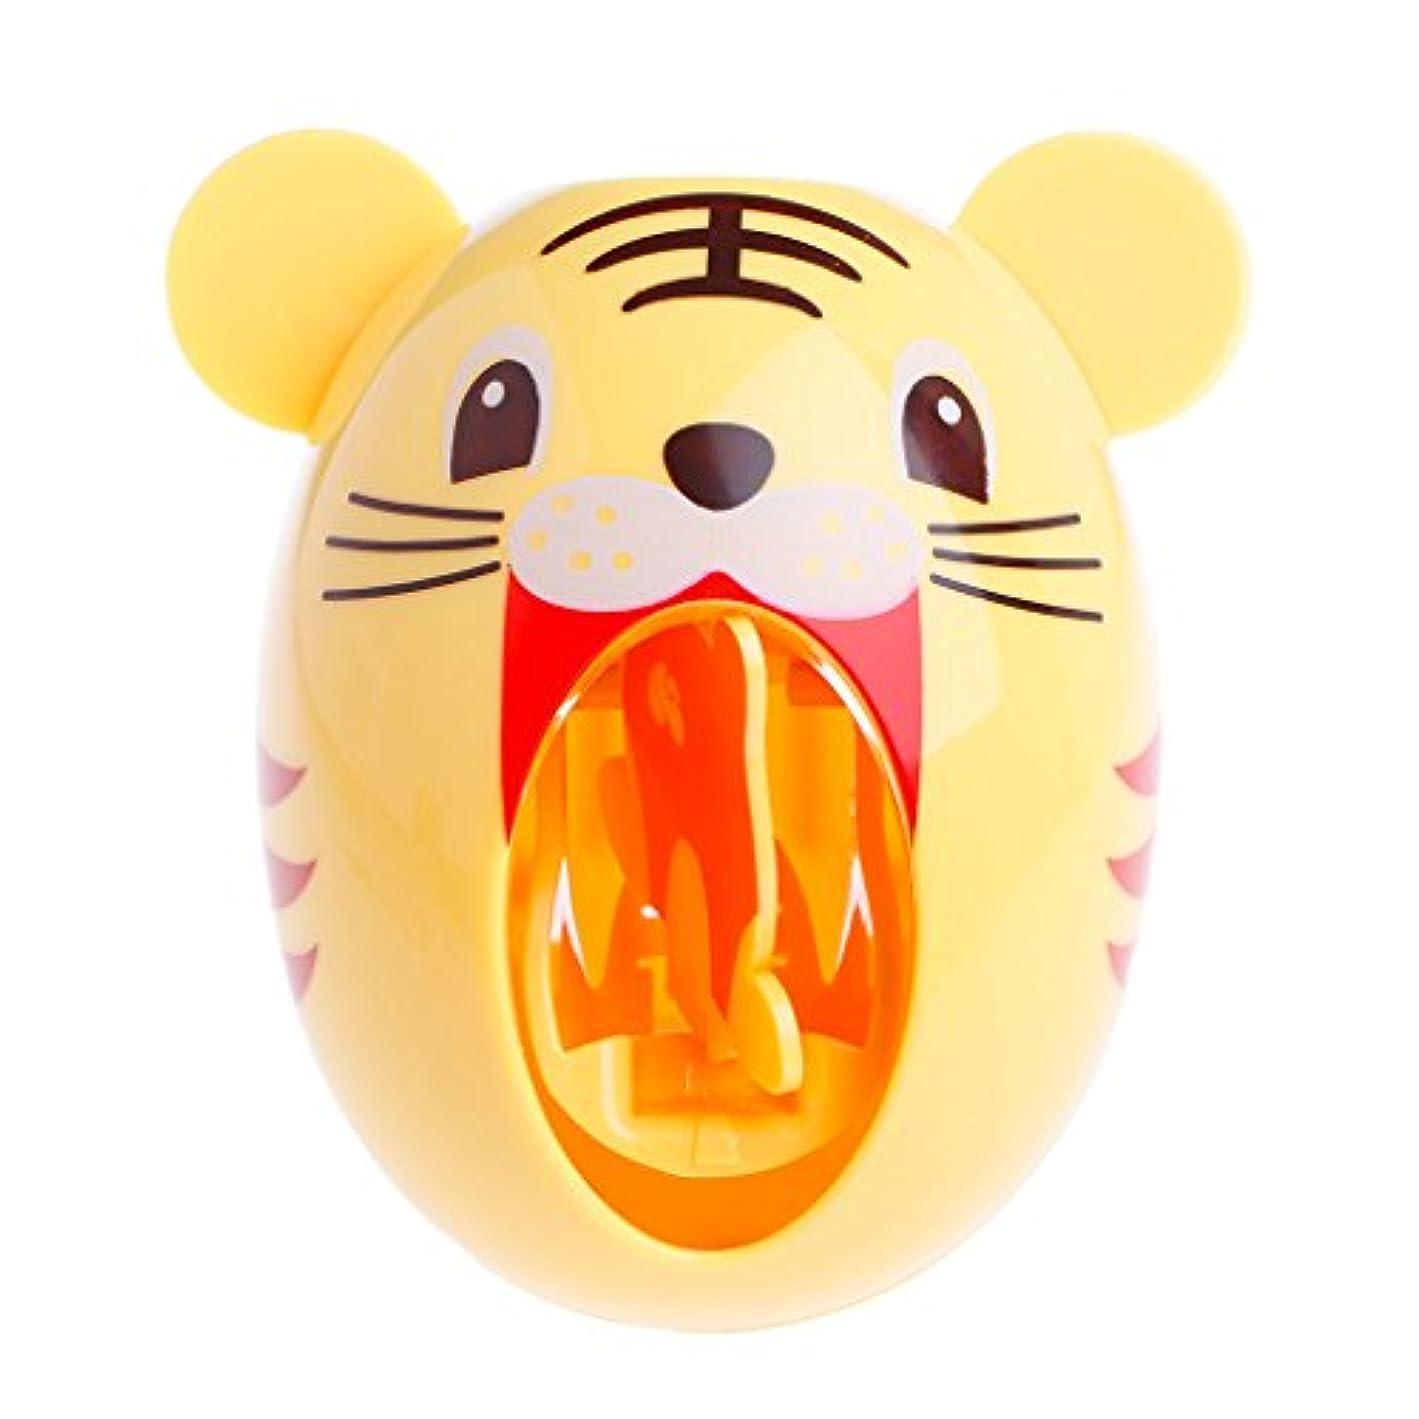 俳句トリッキー壊滅的なLamdooキッズかわいい漫画の動物デザイン歯ブラシホルダー自動歯磨き粉ディスペンス